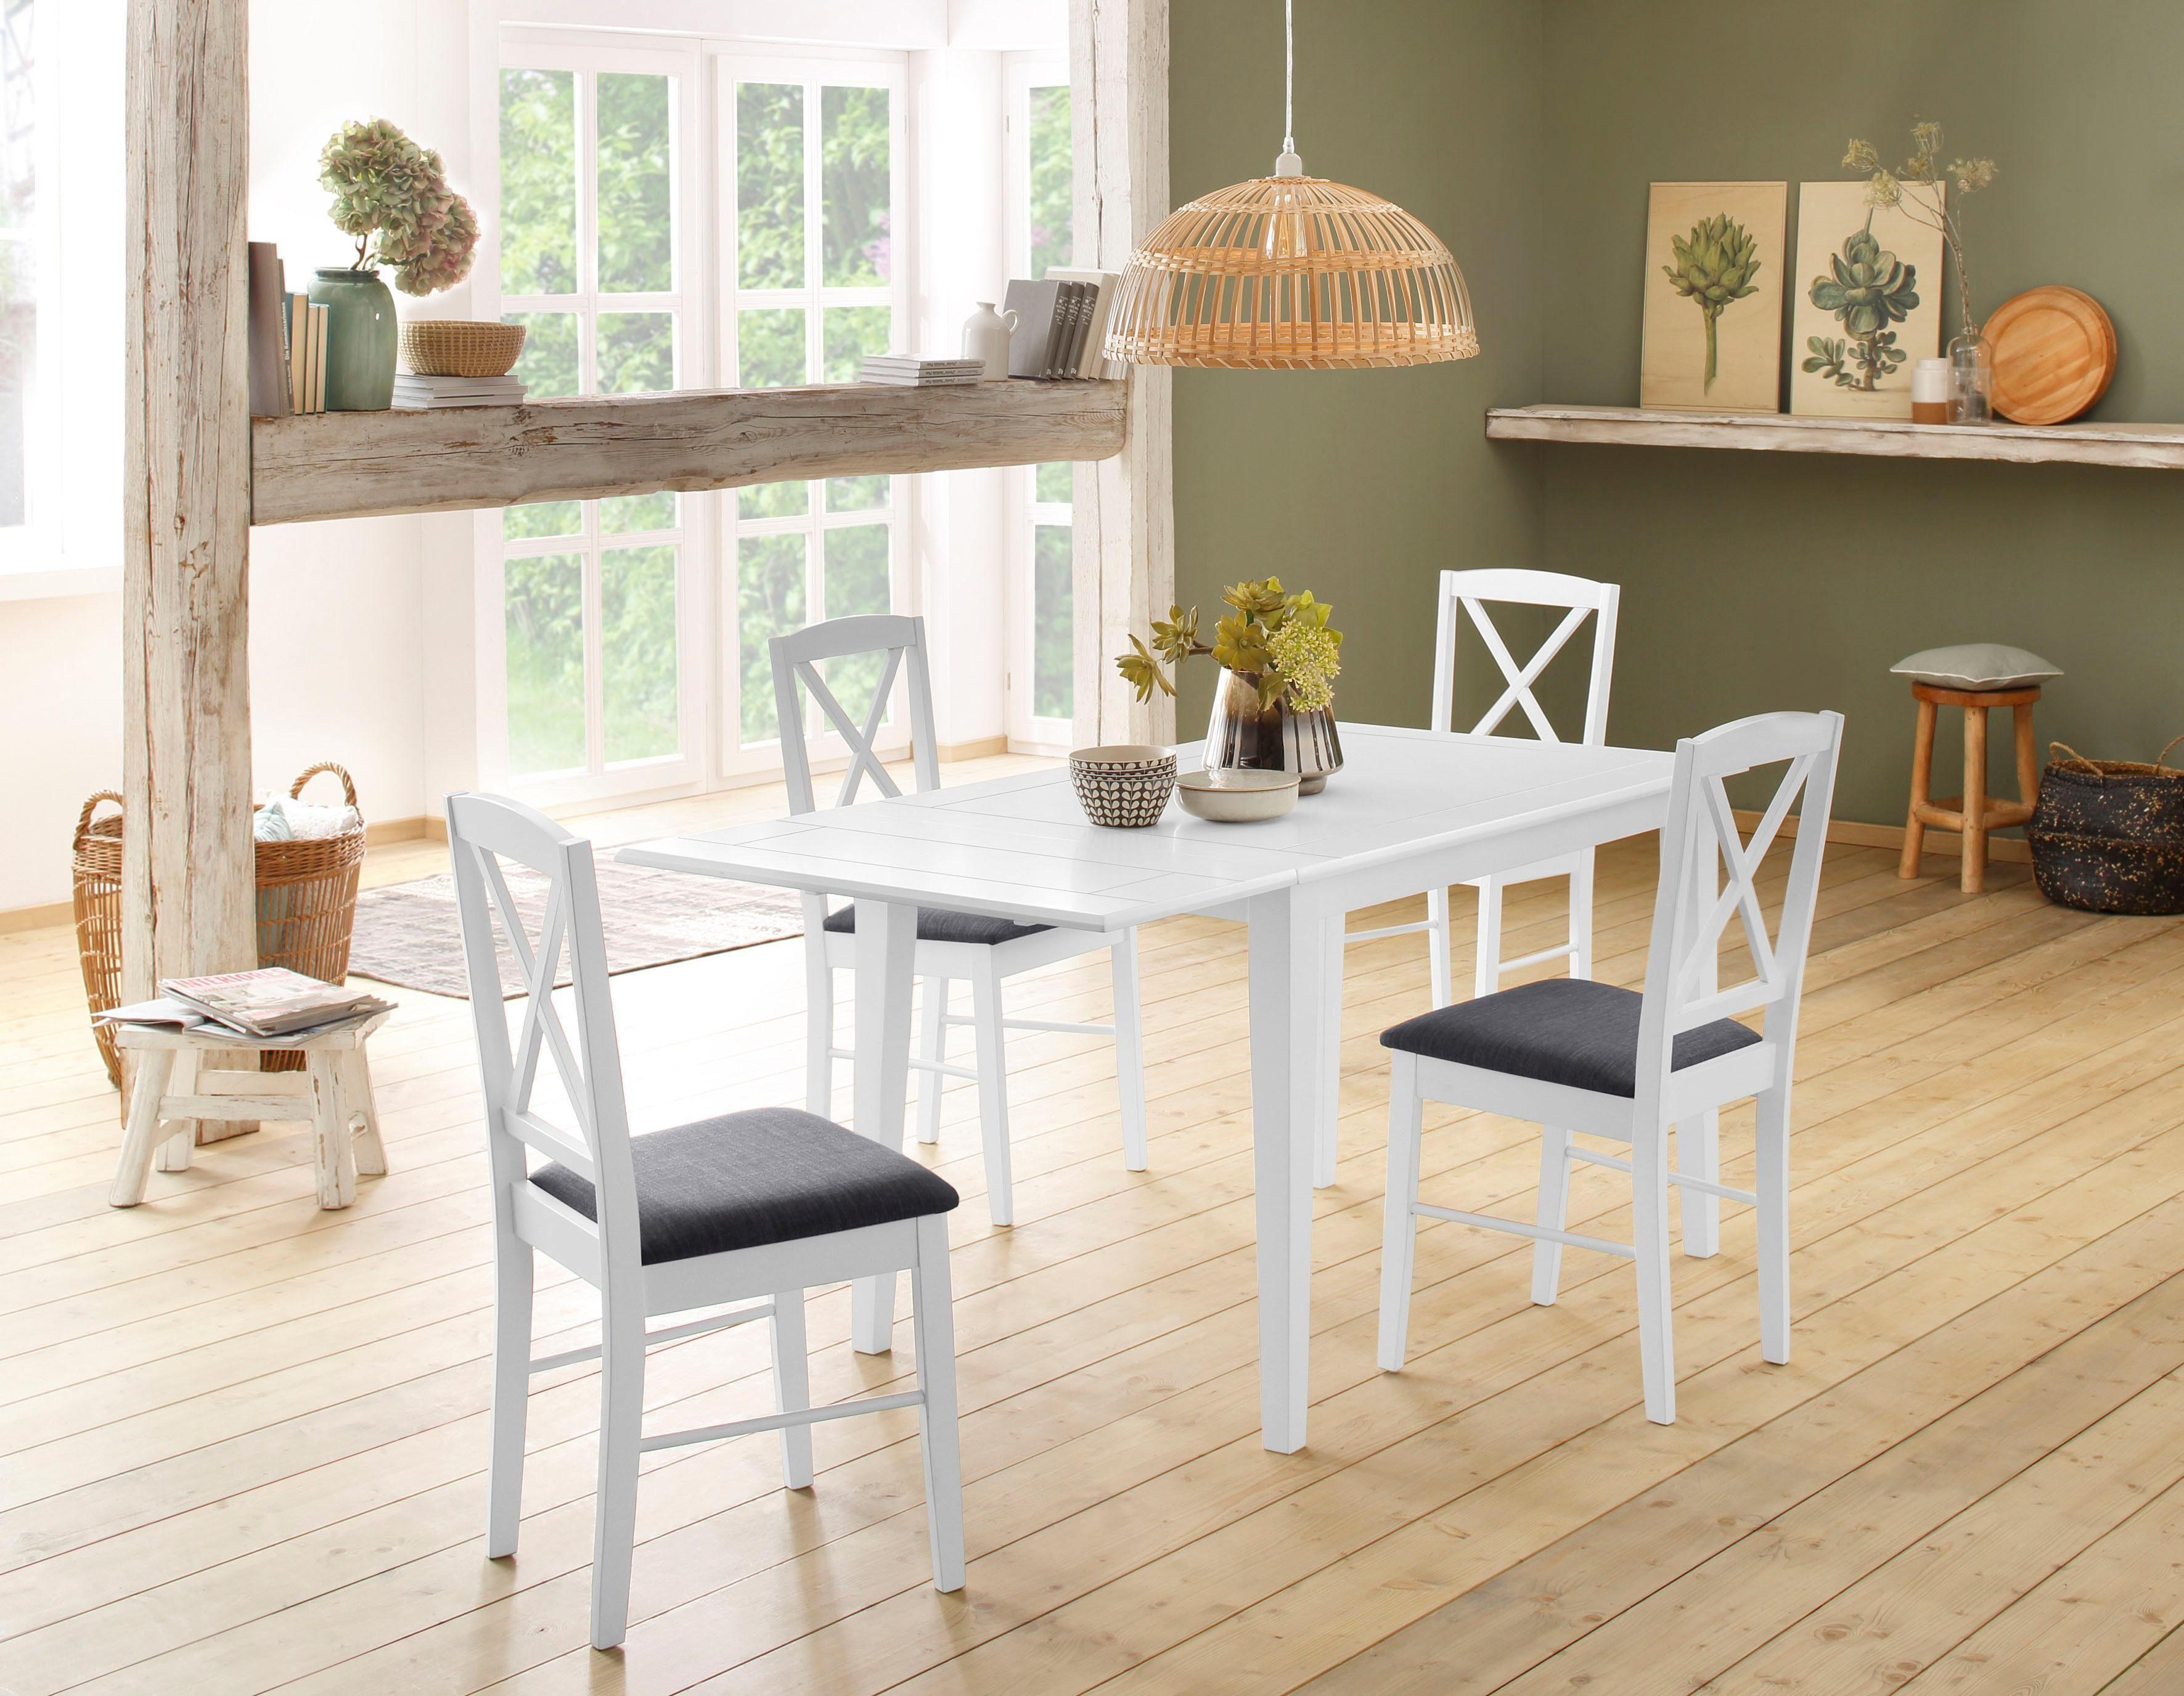 Home affaire Essgruppenset Olvera bestehend aus Fullerton Esstisch 120 cm 4 Sonoma Esszimmerstühlen und 1 Ansteckplatte (5-tlg)